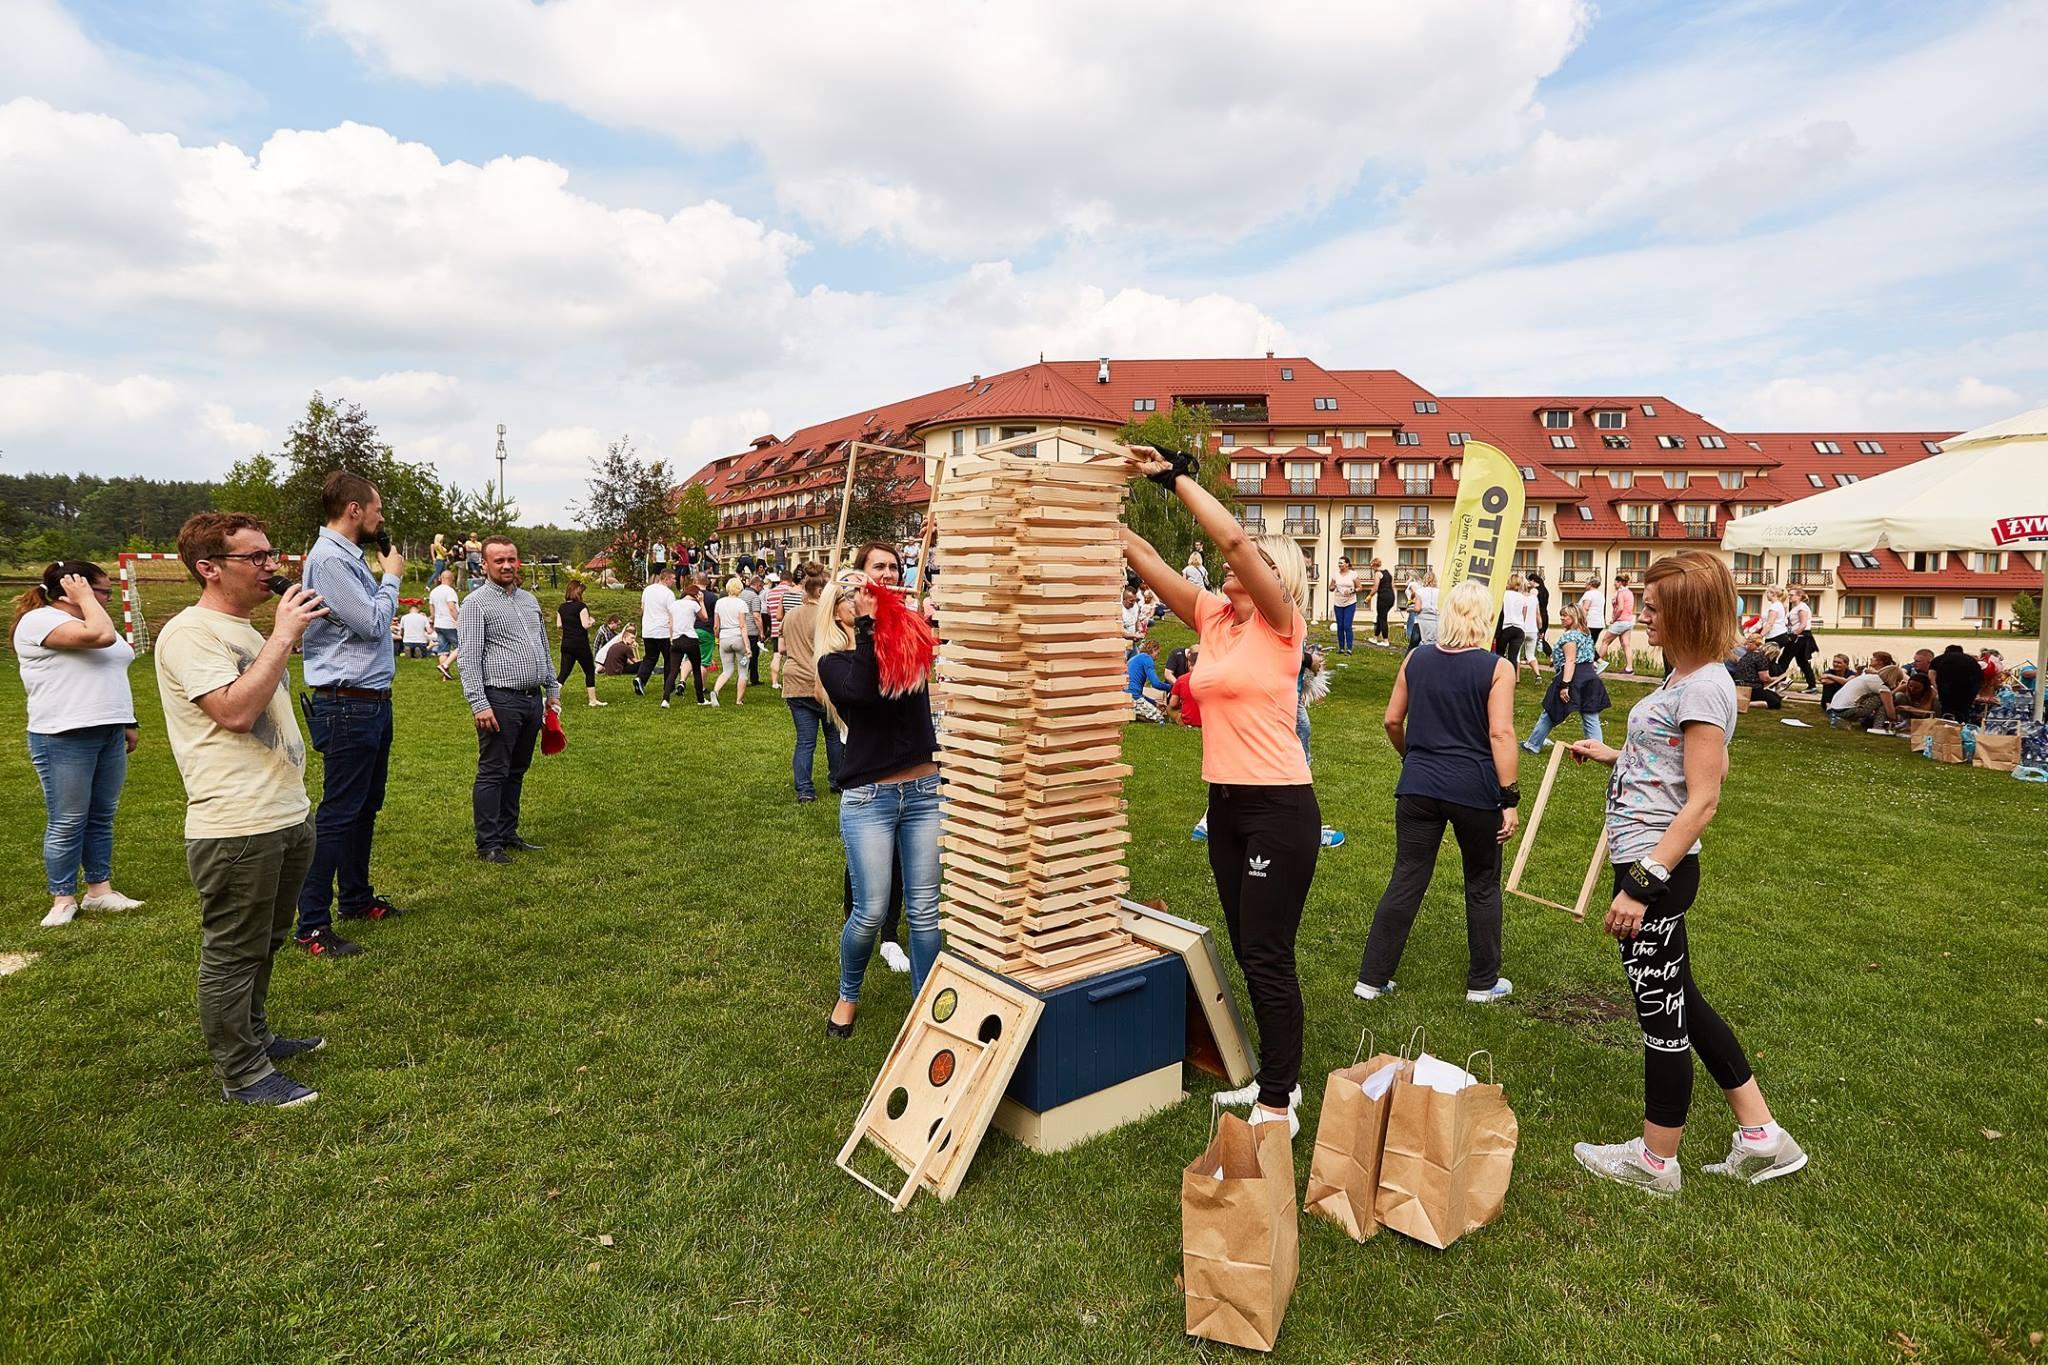 Pracownicy Netto zrobili kilkaset drewnianych ramek. (fot. mat.pras.)